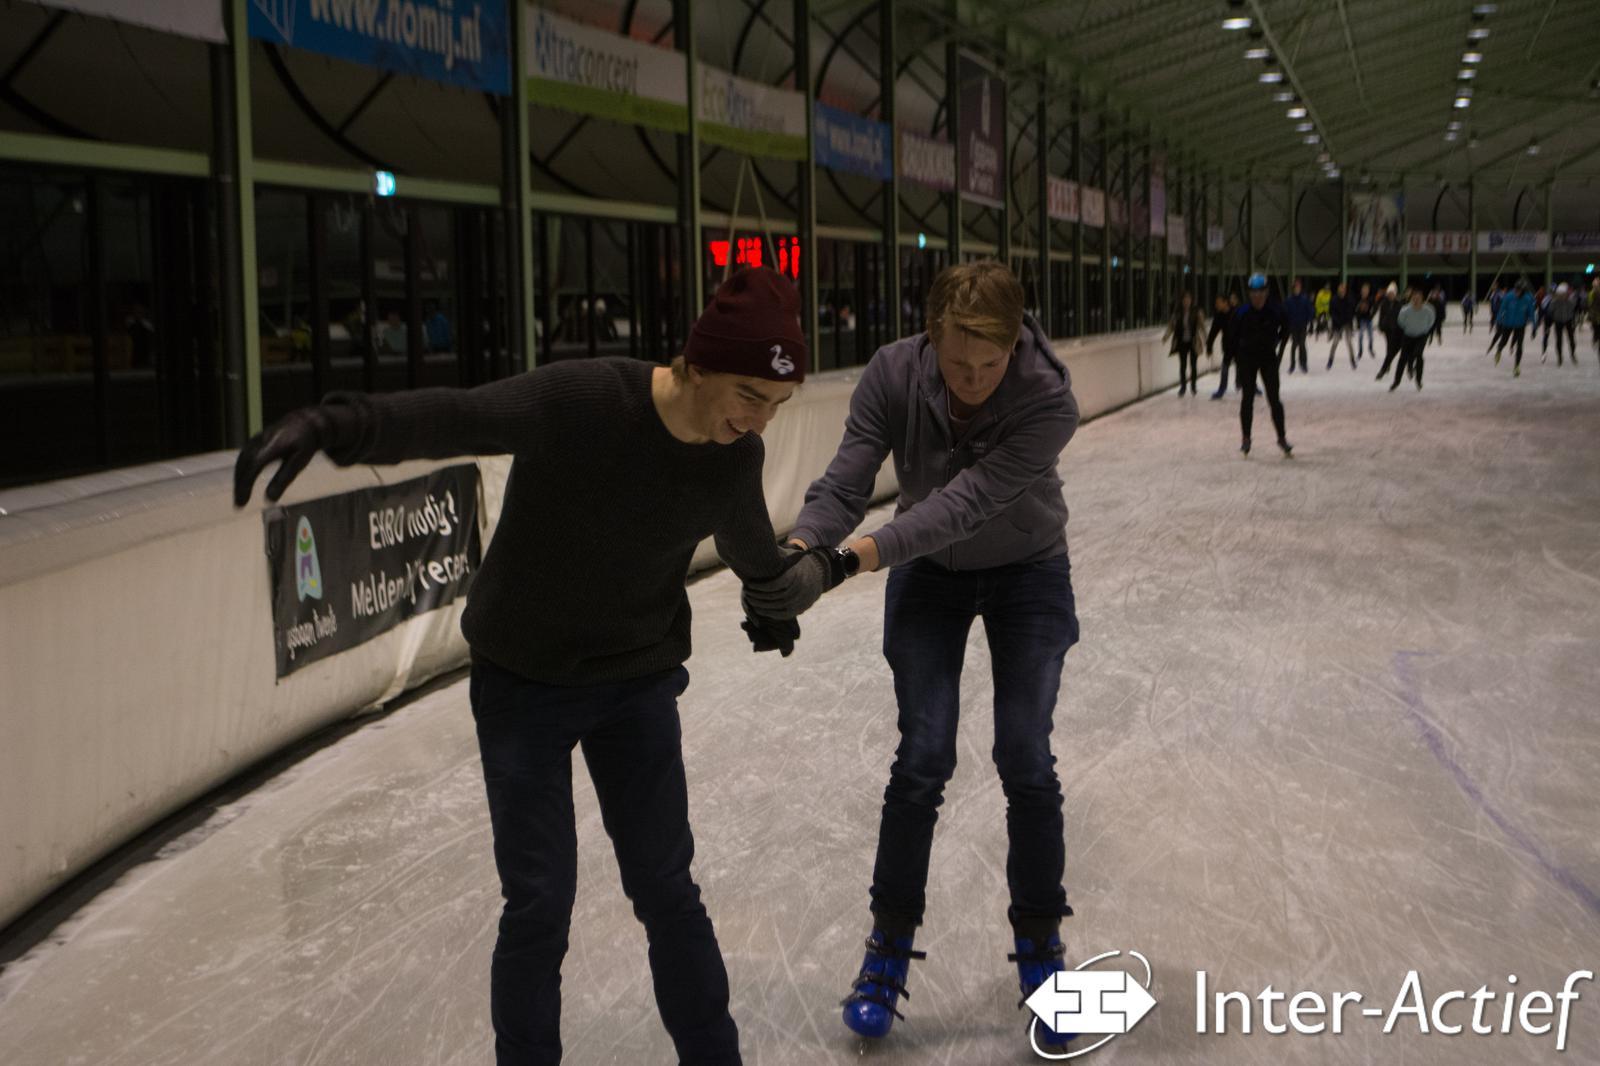 IceSkating20200116_NielsdeGroot-53.jpg